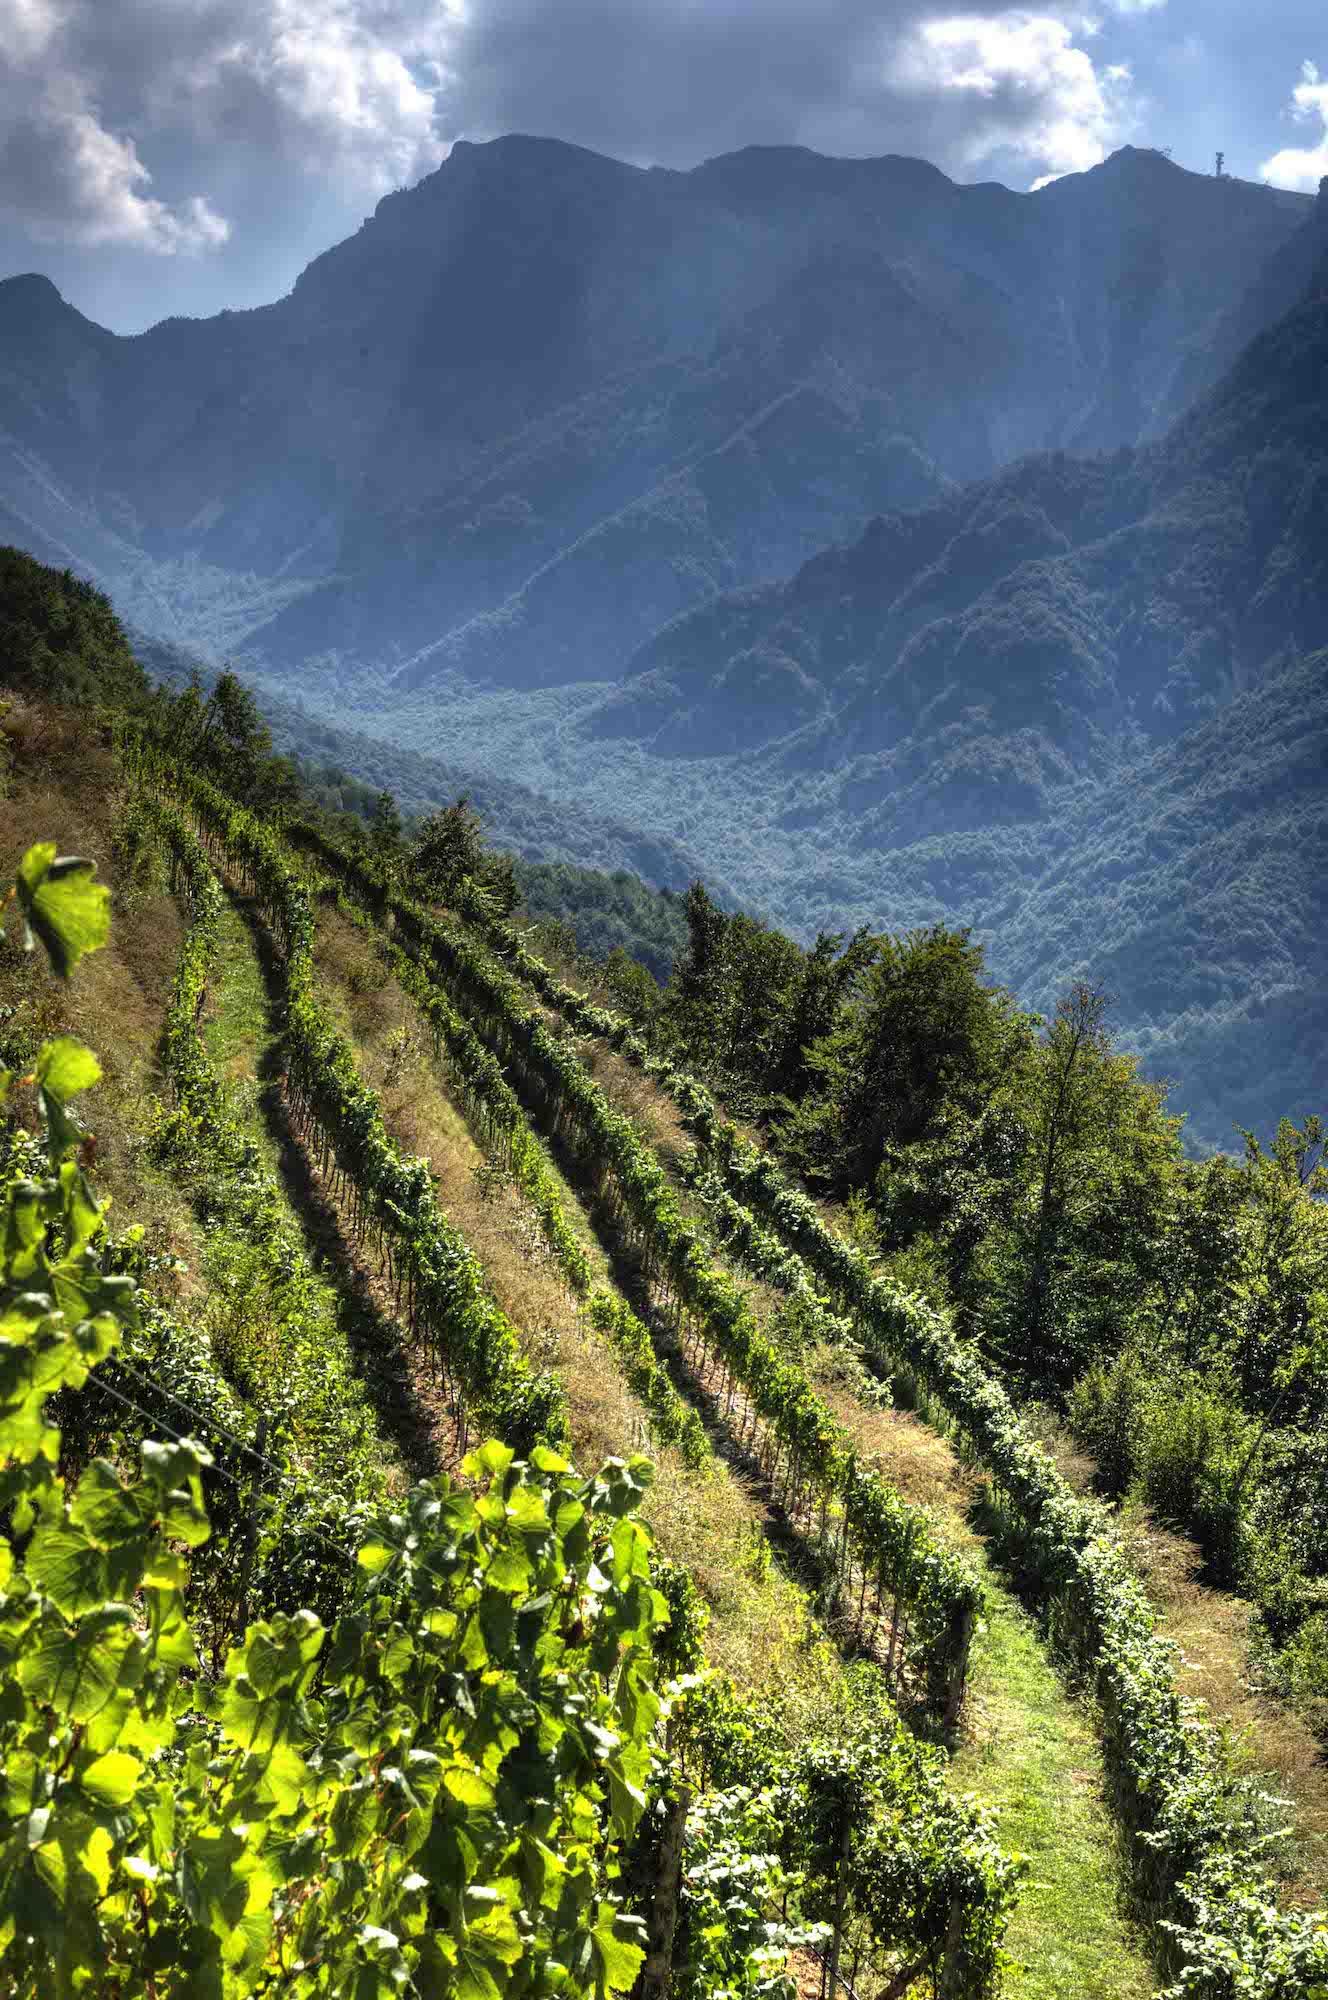 albino armani-cantina vini